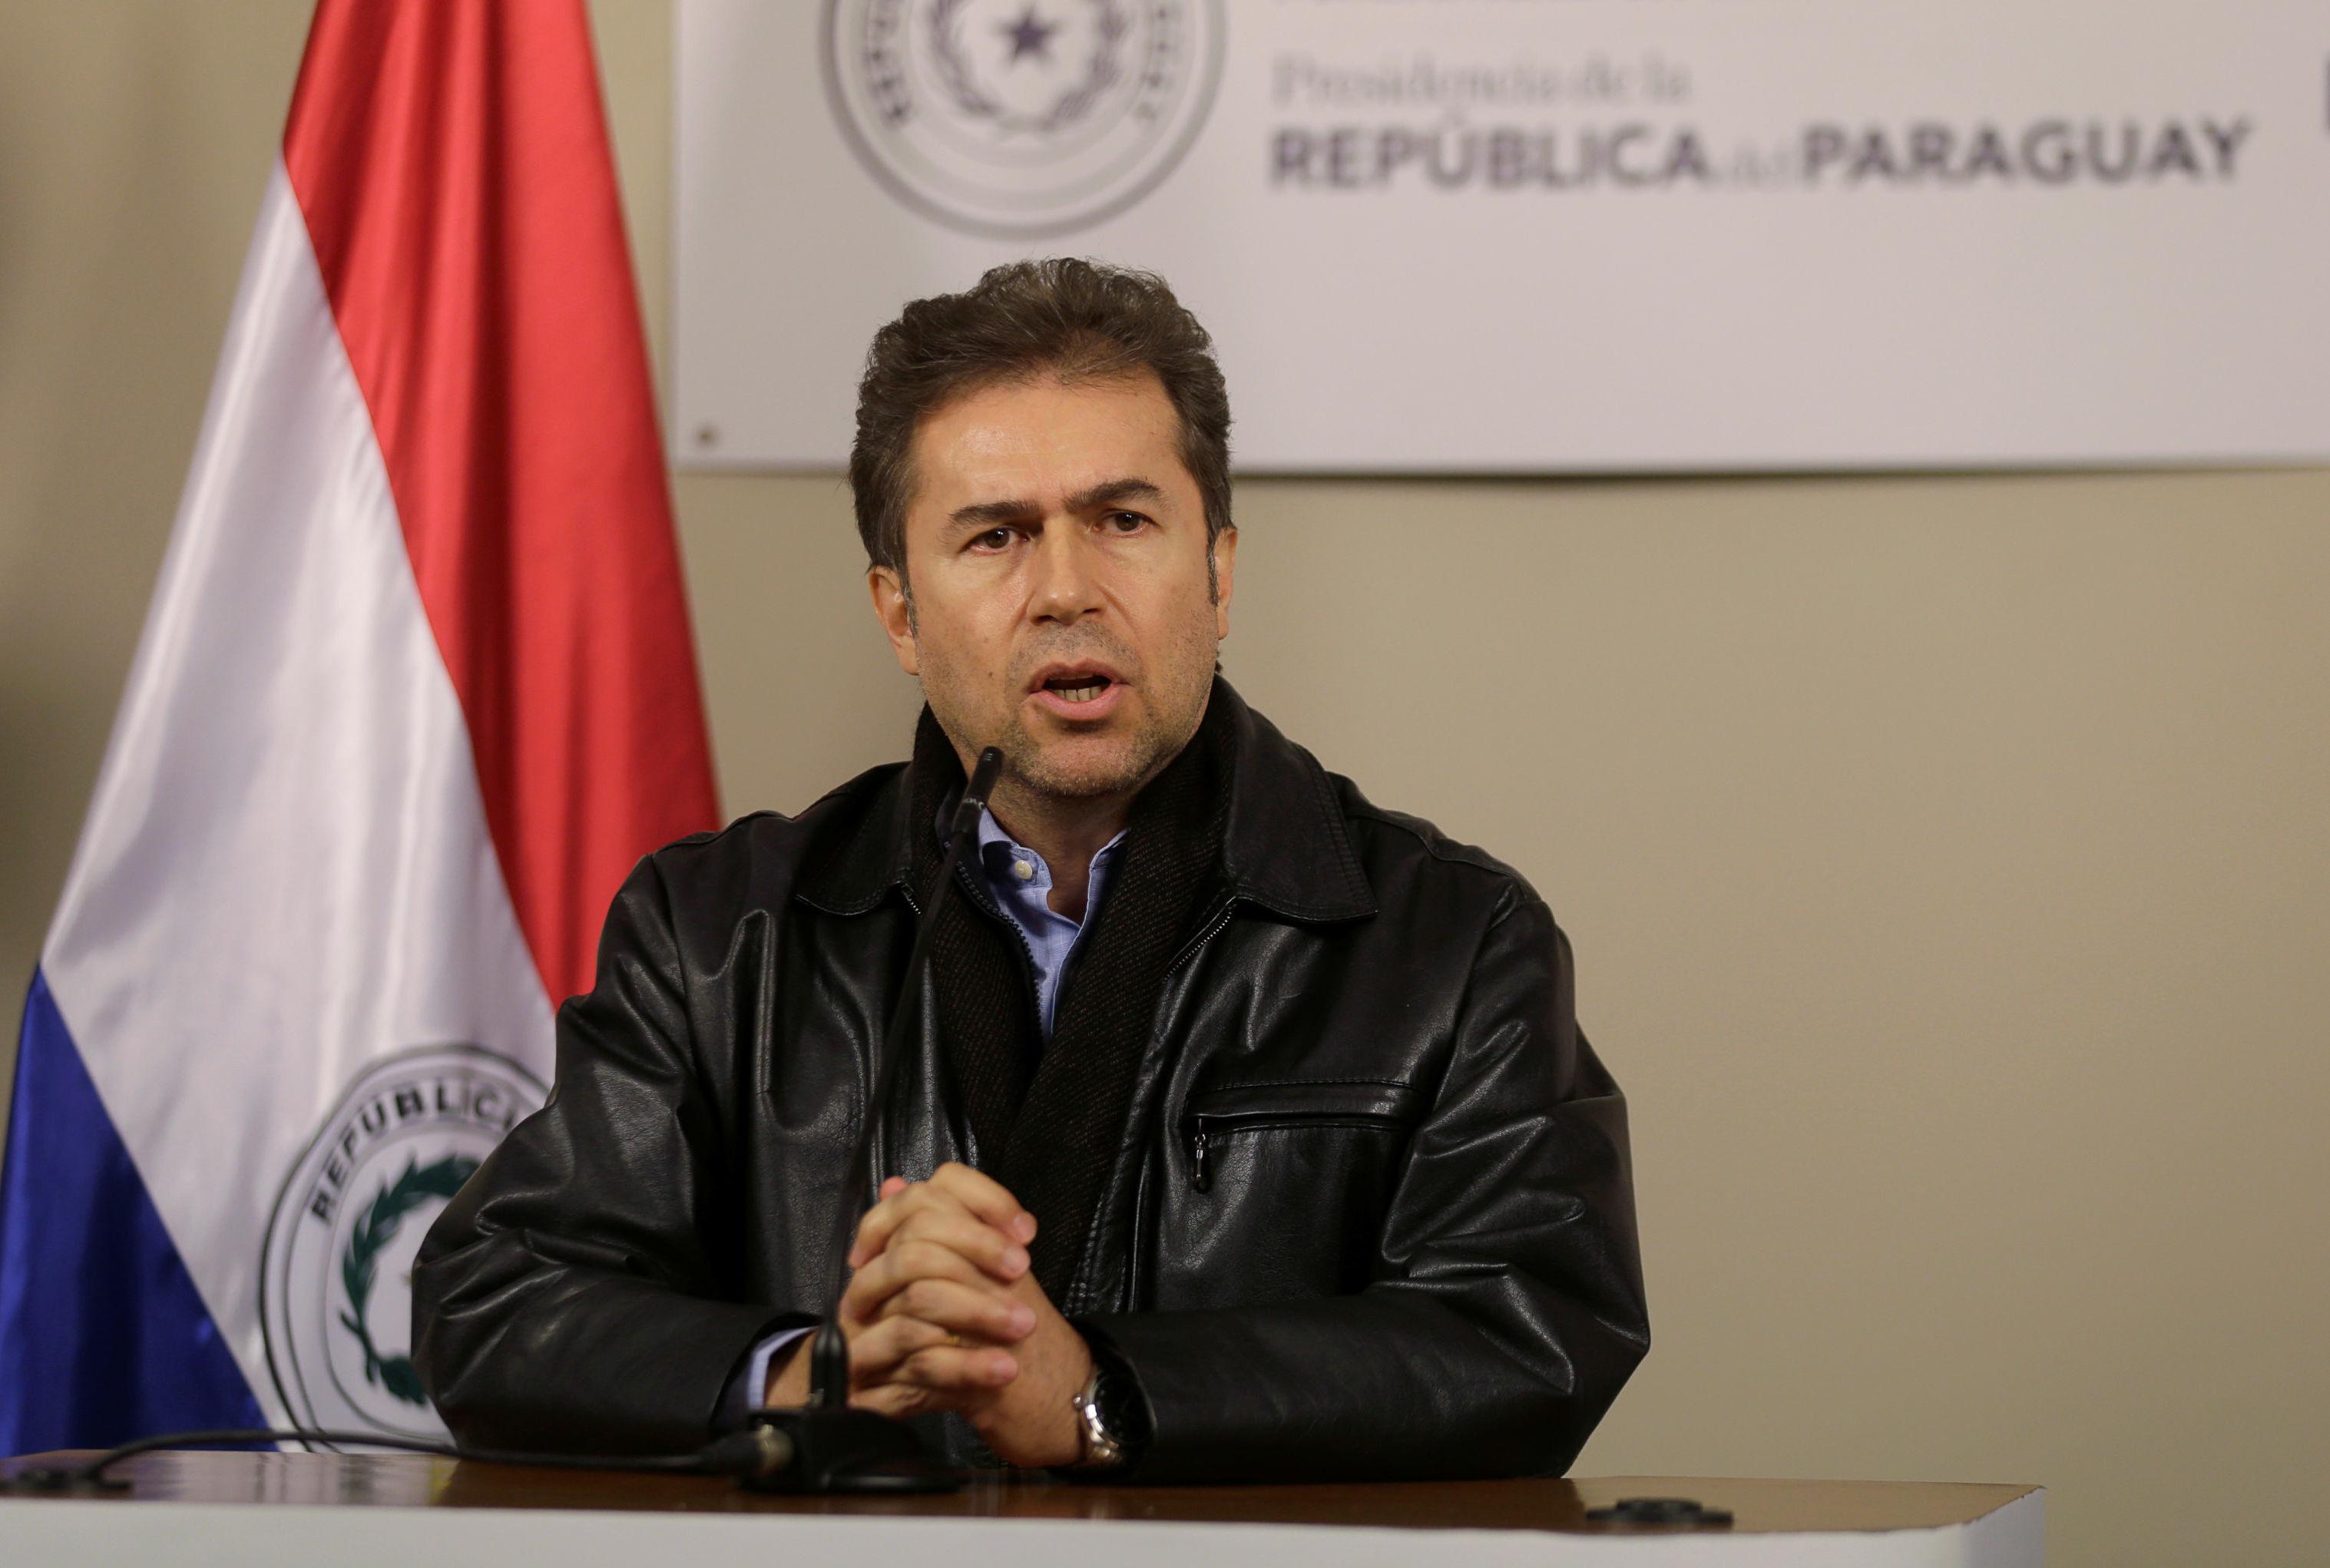 Luis Alberto Castiglioni, ministro das Relações Exteriores do Paraguai, durante coletiva de imprensa em Assunção, capital do país, em 28 de julho de 2019